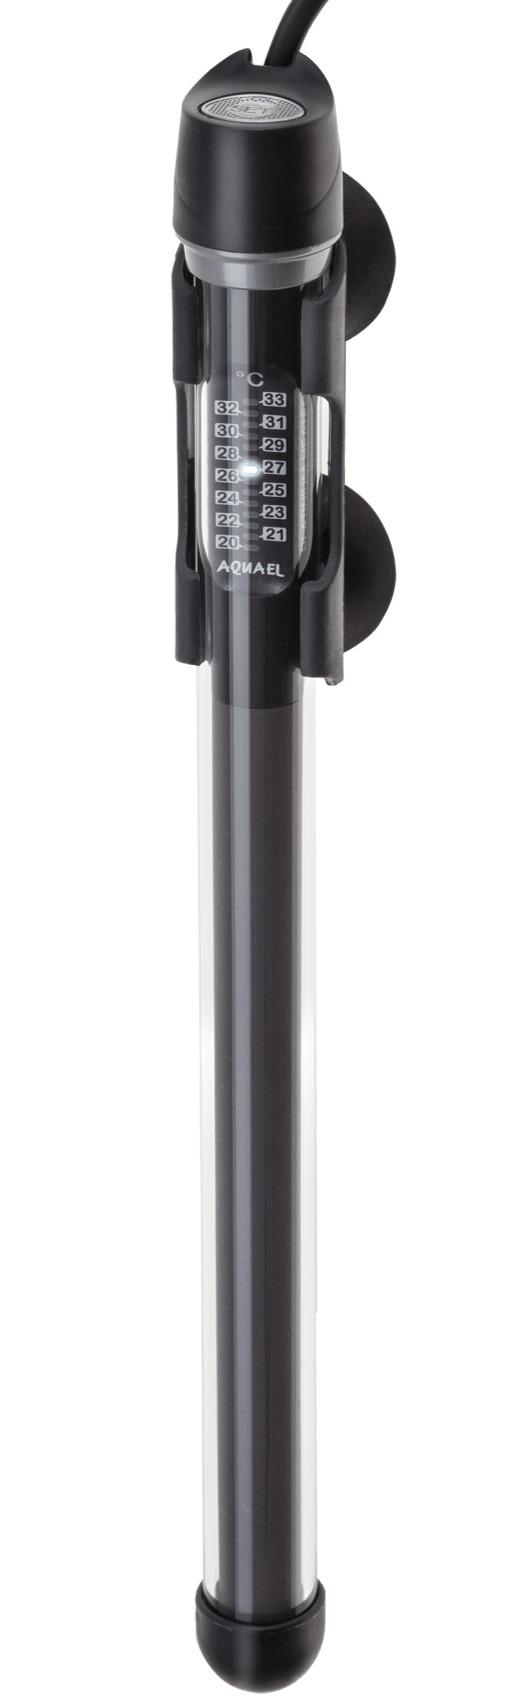 AQUAEL Platinium Heater 150W chauffage pour aquarium de 90 à 150L avec thermostat électronique intégré